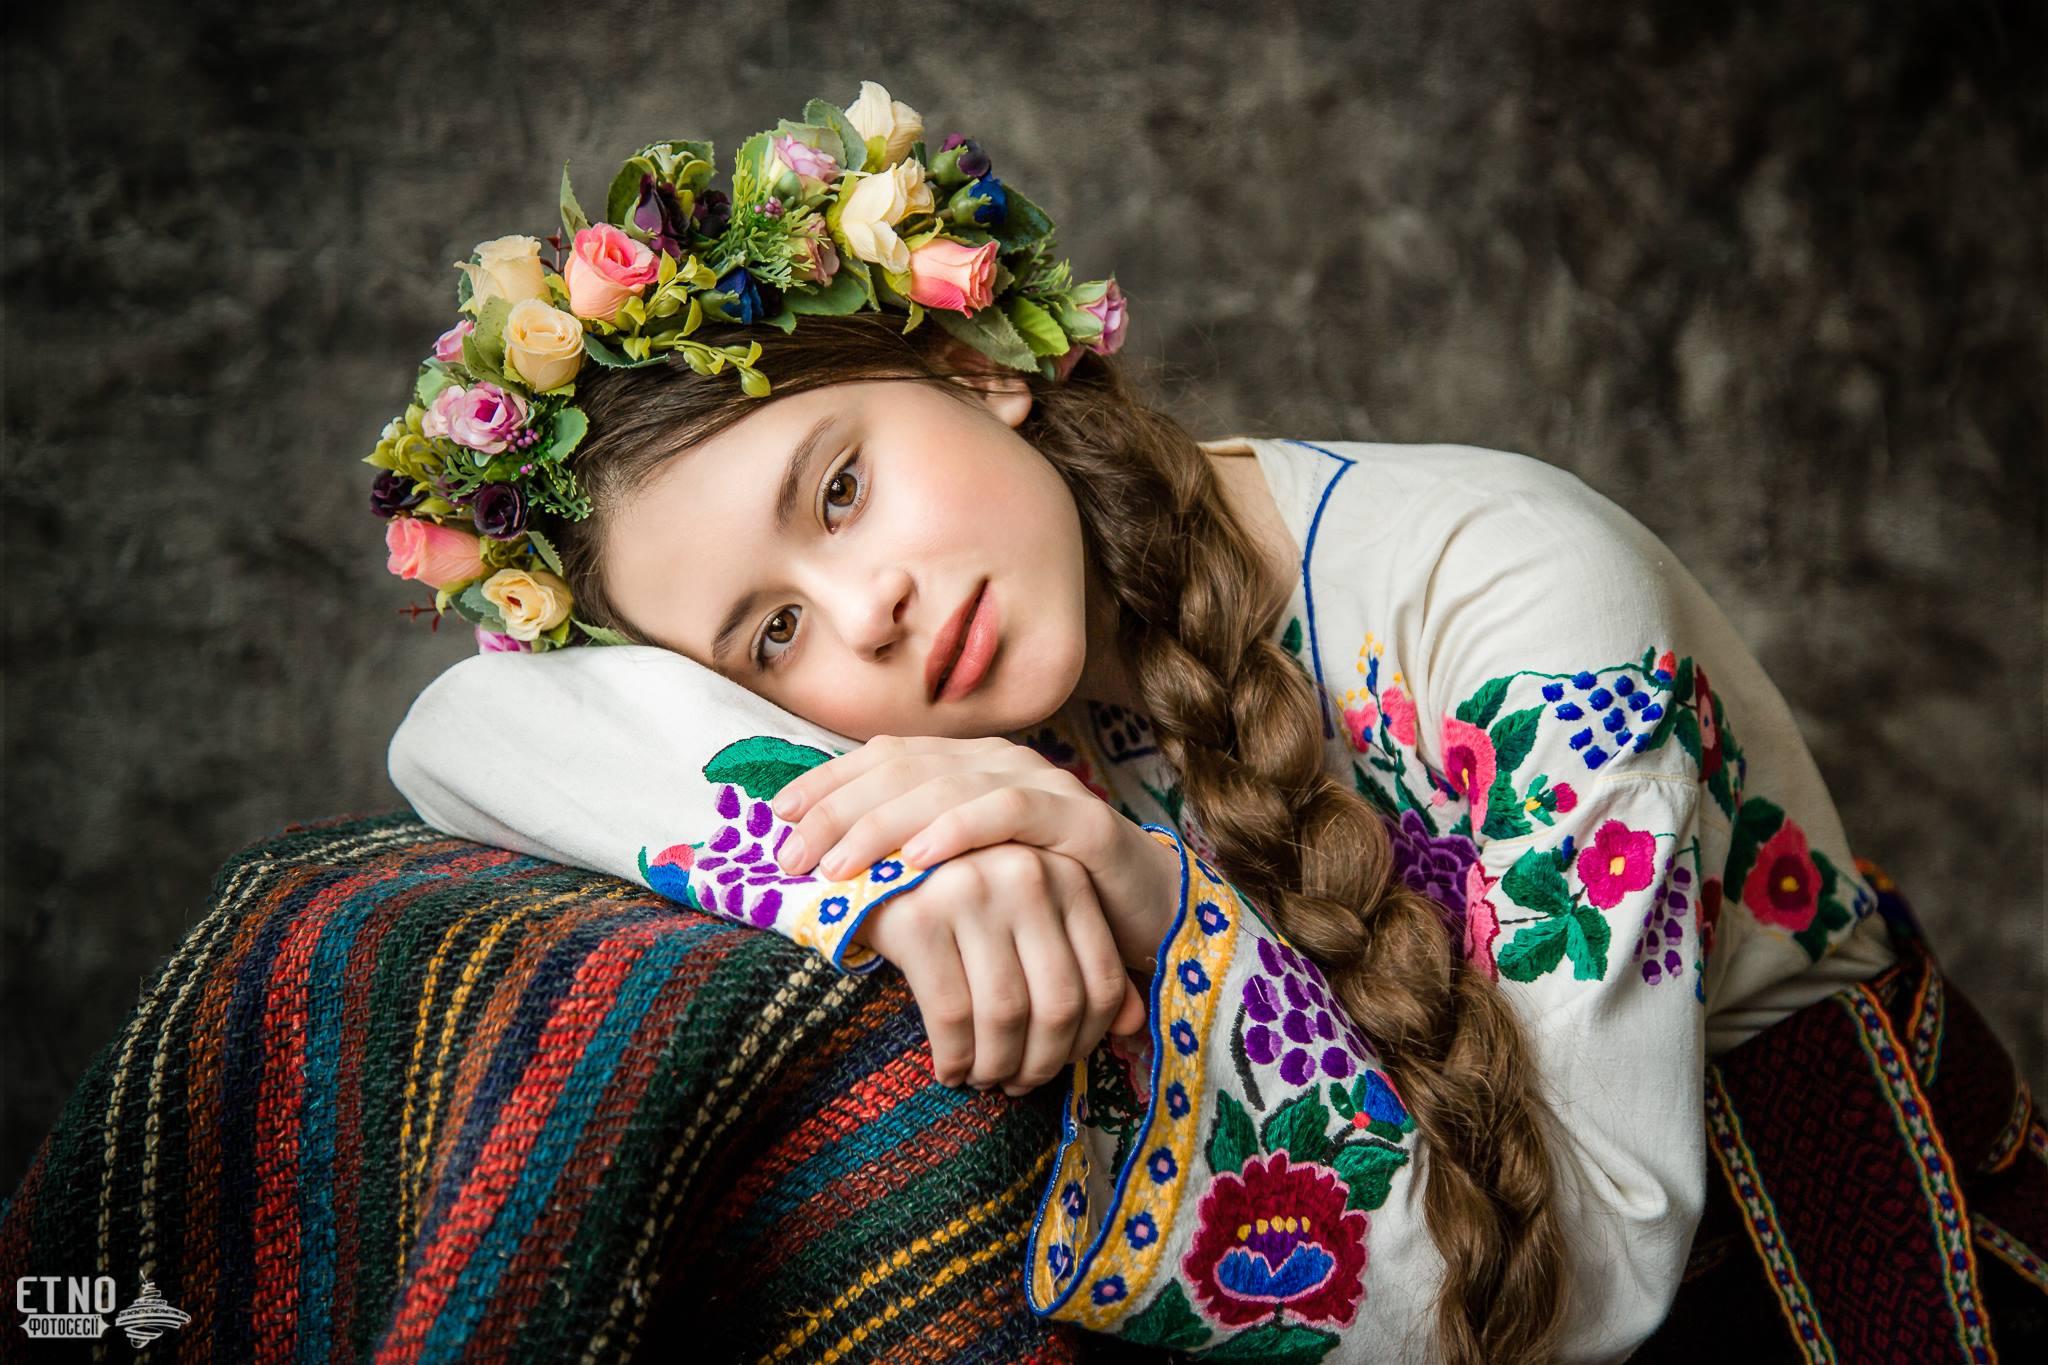 полтавщина краса украины фото этой неделе острове